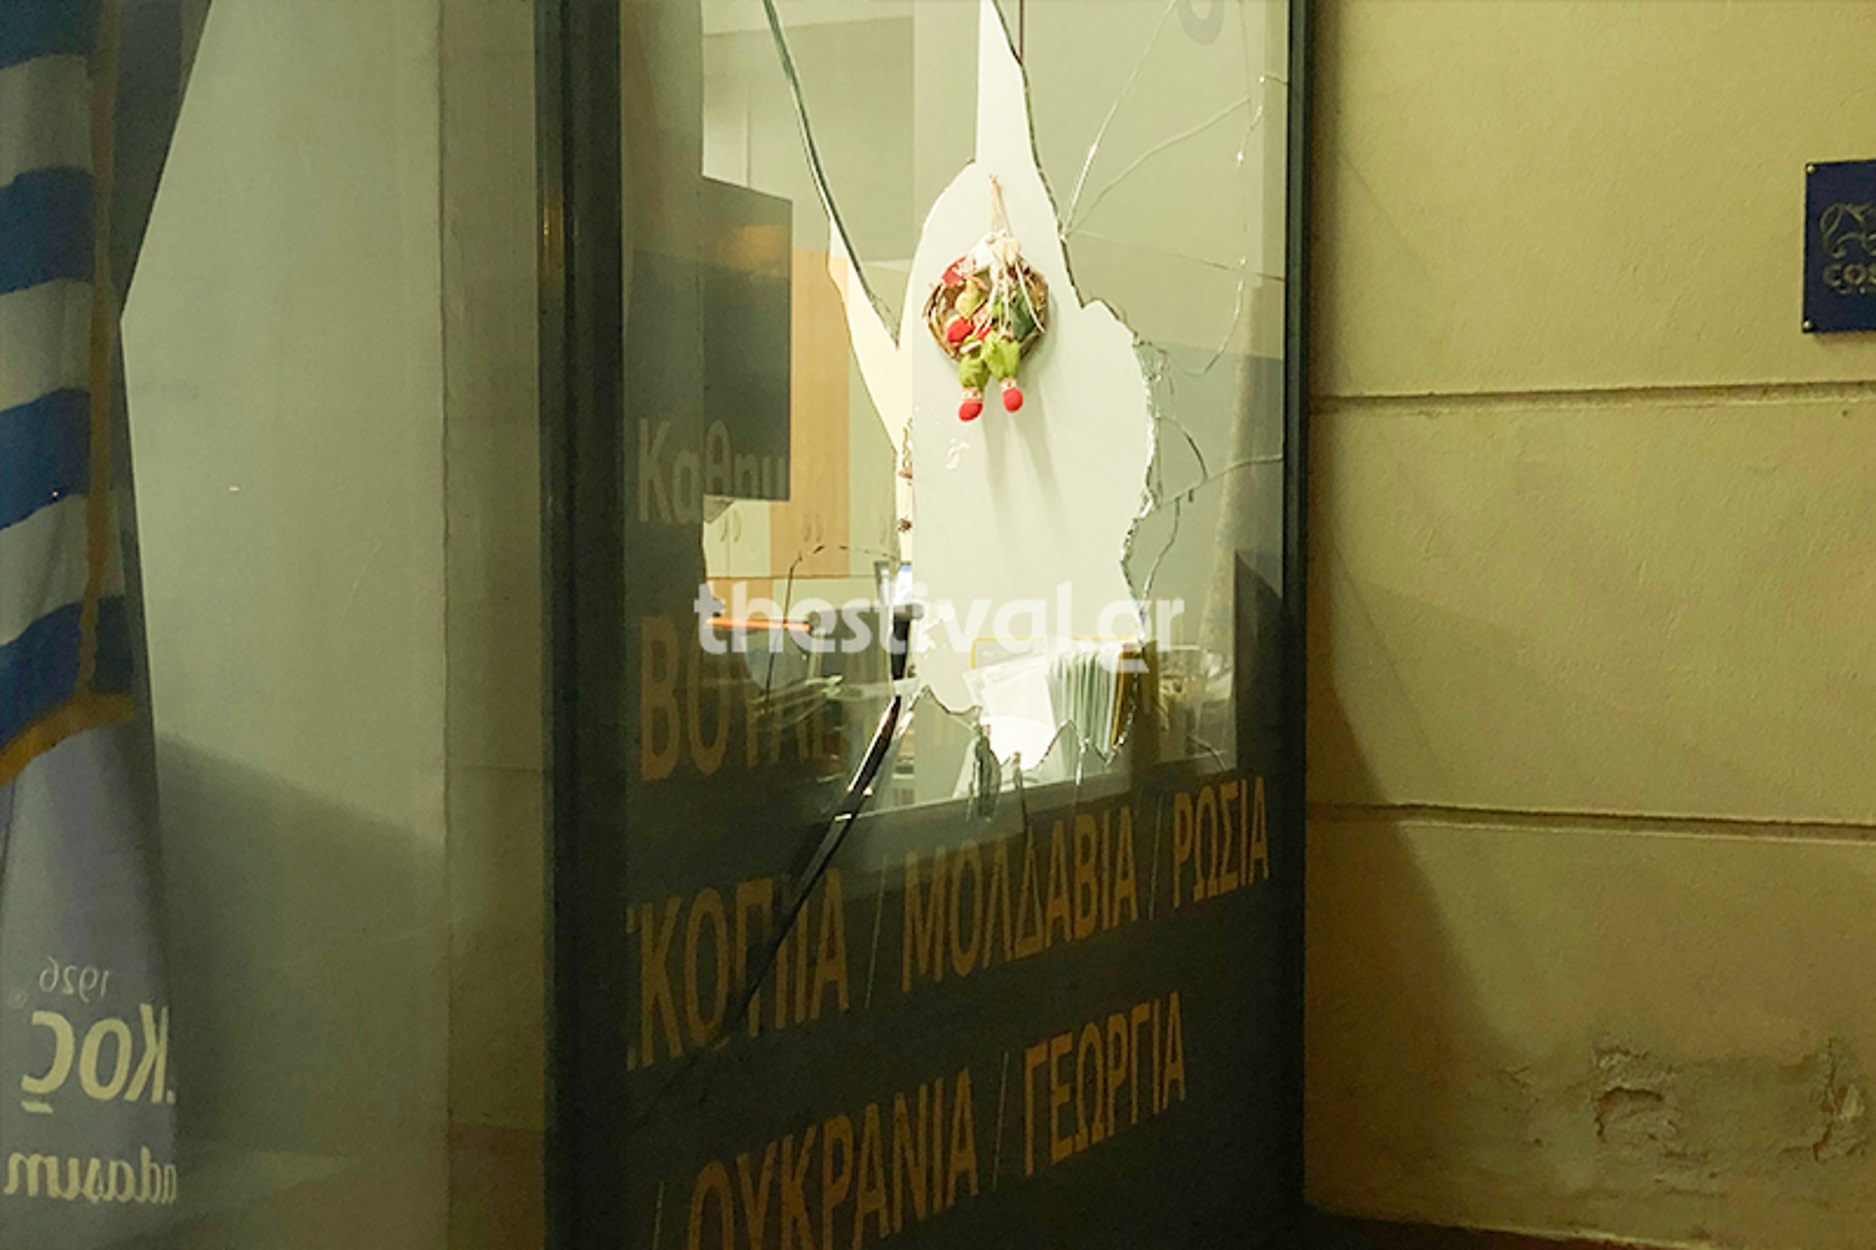 Θεσσαλονίκη: Διαρρήκτες άρπαξαν 20.000 ευρώ από χρηματοκιβώτιο ταξιδιωτικού πρακτορείου